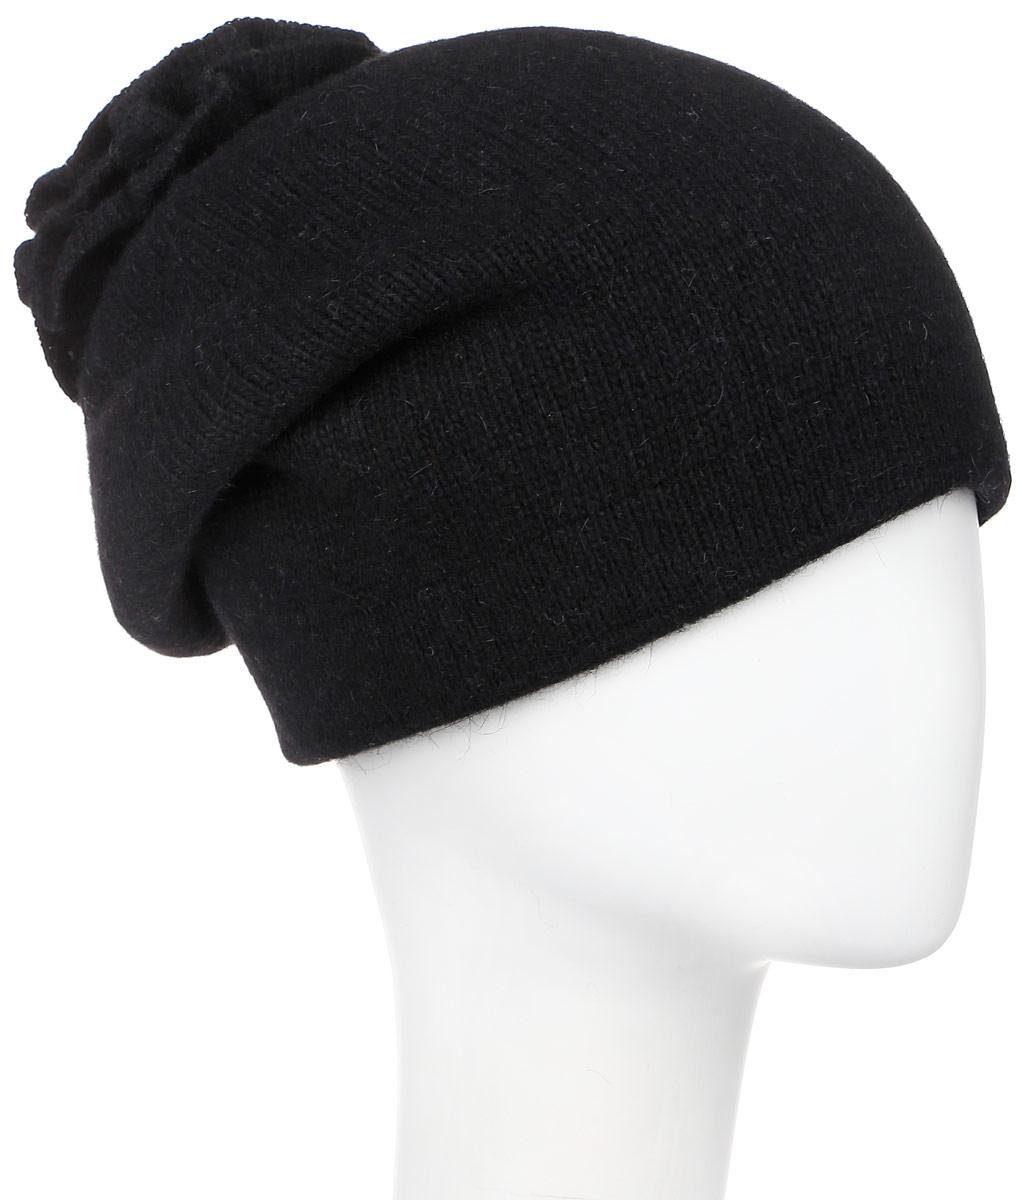 Шапка женская Vittorio Richi, цвет: черный. 261871L. Размер 56/58261871L-18Теплая женская шапка Vittorio Richi отлично дополнит ваш образ в холодную погоду. Сочетание шерсти, ангоры и полиамида сохраняет тепло и обеспечивает удобную посадку, невероятную легкость и мягкость.Удлиненная шапка выполнена плотной вязкой и дополнена на макушке оригинальным вязанным цветком. Модель составит идеальный комплект с модной верхней одеждой, в ней вам будет уютно и тепло.Уважаемые клиенты!Размер, доступный для заказа, является обхватом головы.